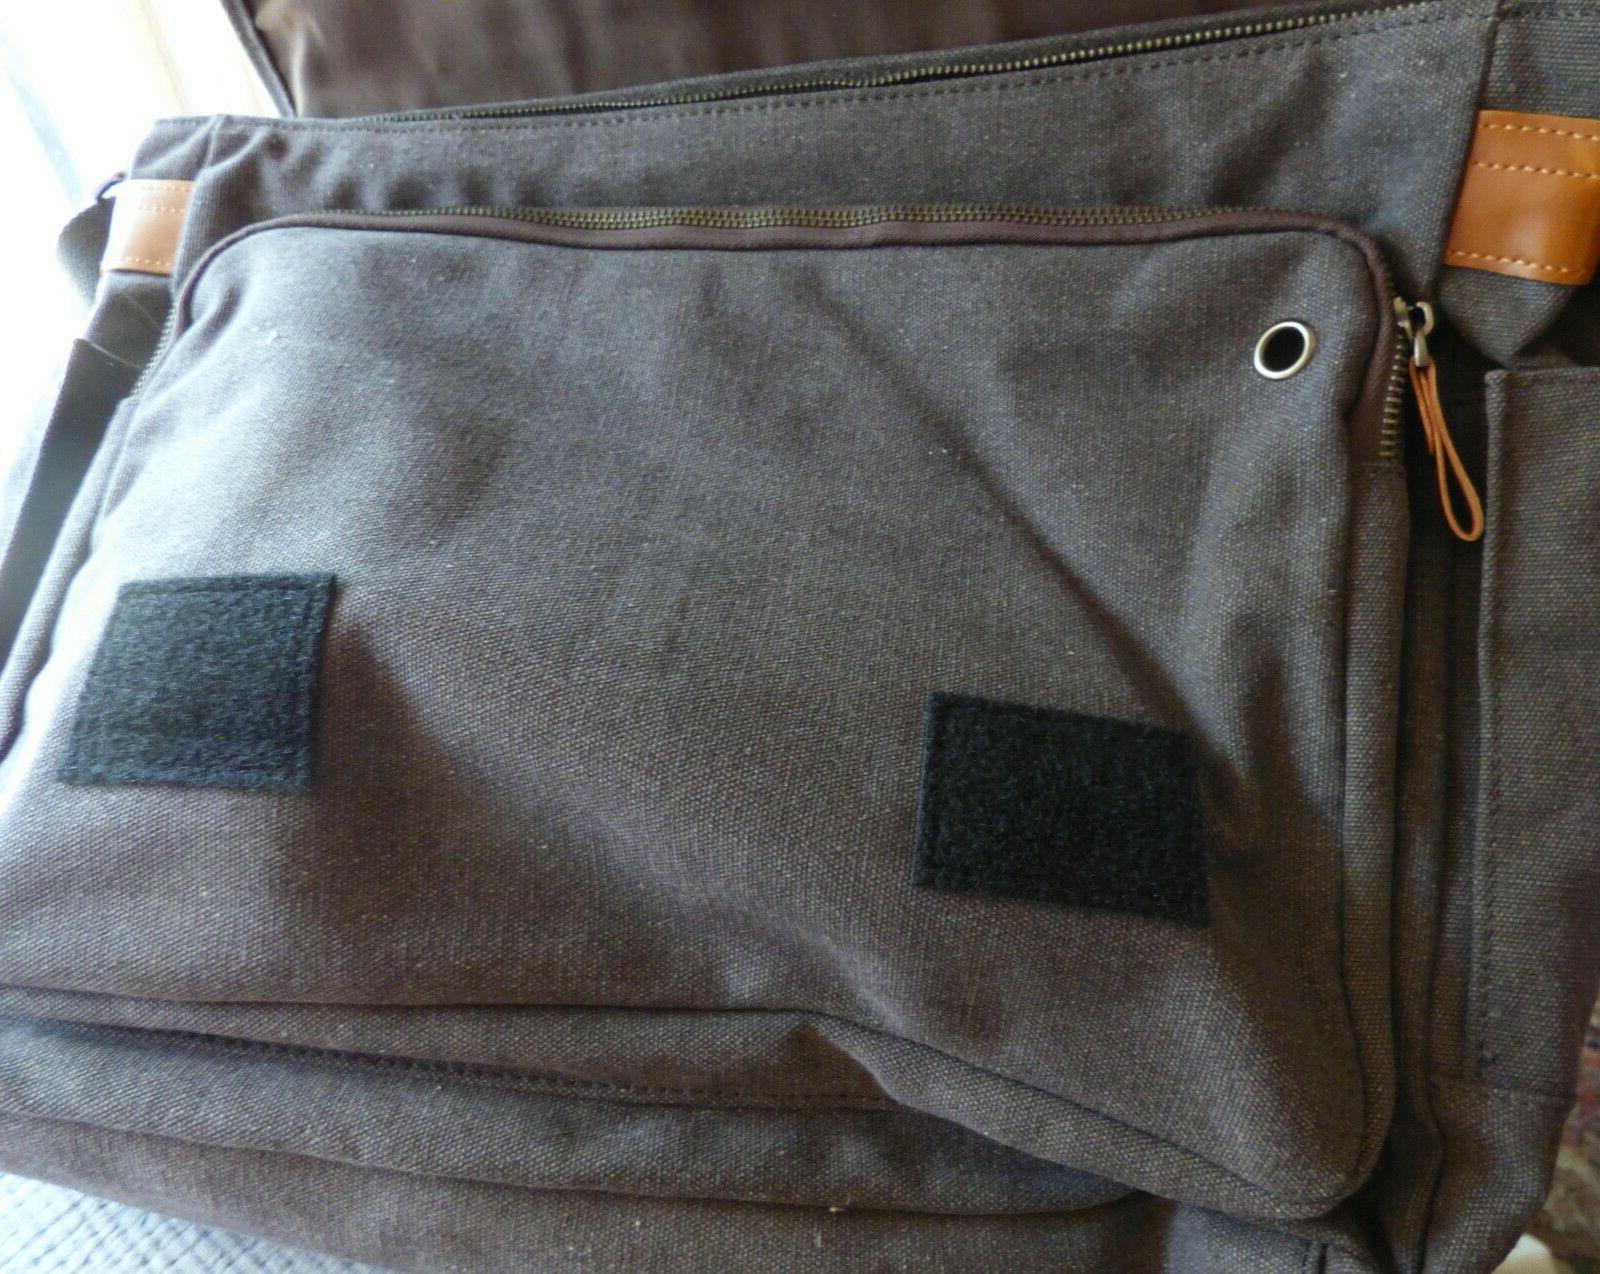 Estarer Canvas Messenger Bag 15.5 inch